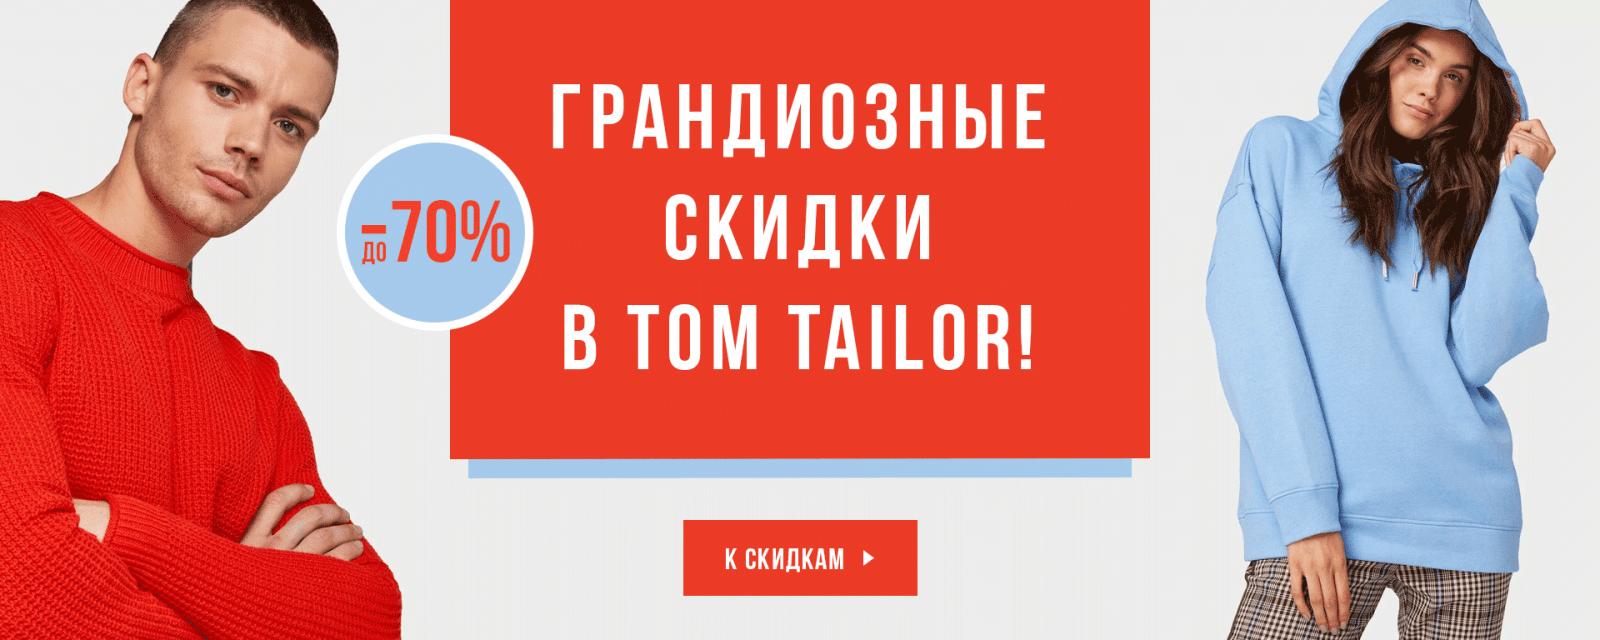 Подборка интересных товаров с распродажи Tom Taylor на которые можно потратить халявные 1000 бонусов.